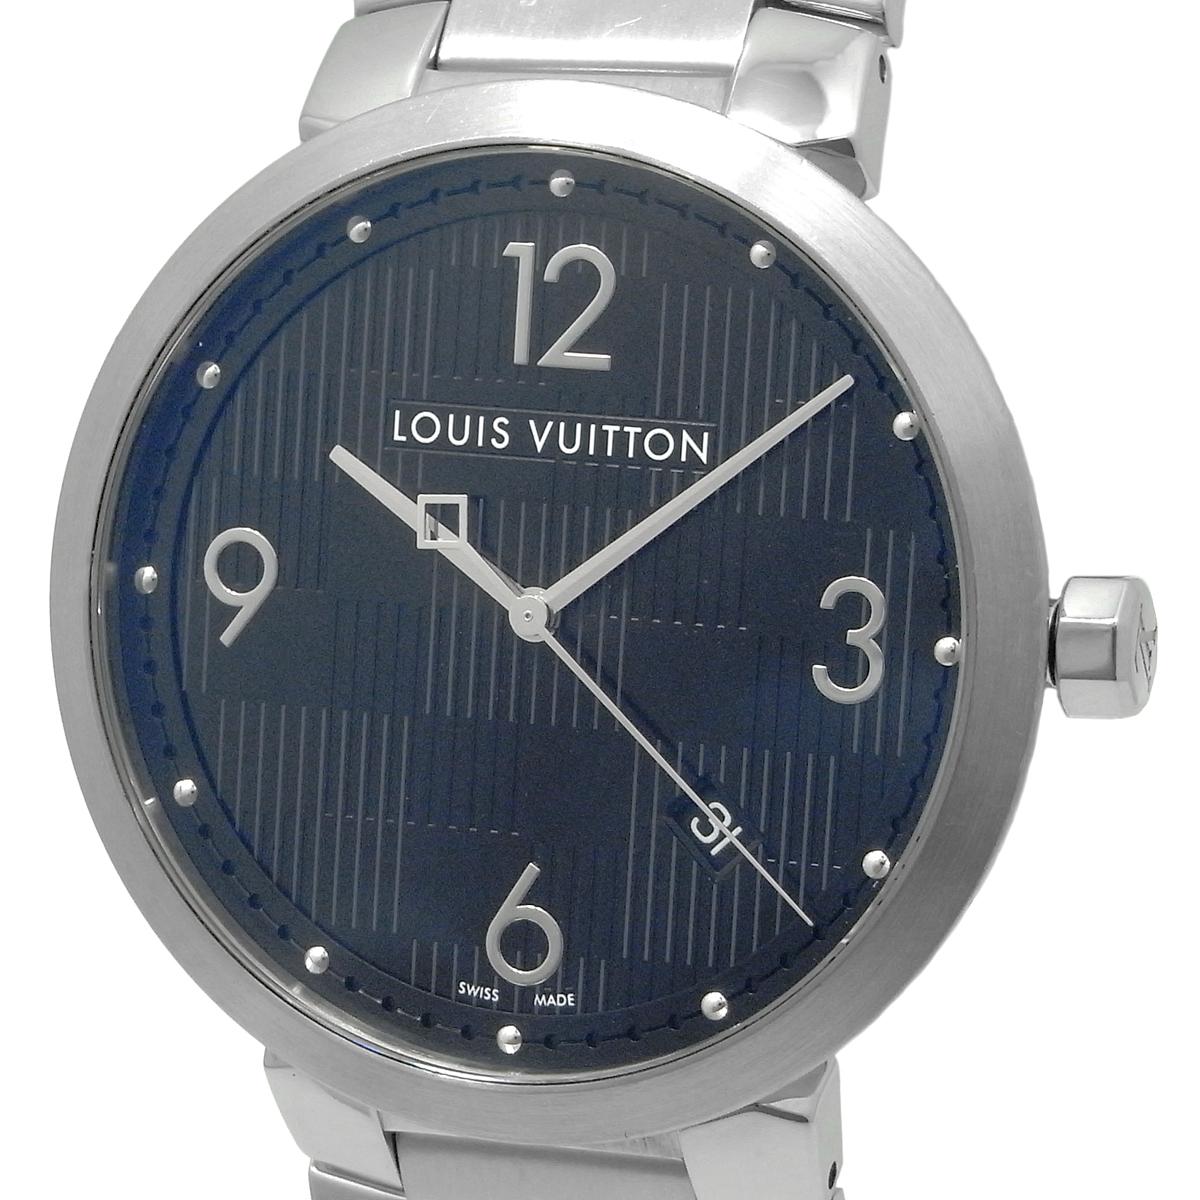 ルイヴィトン タンブールダミエ メンズ クォーツ QZ デイト 黒文字盤 Q1D00 LouisVuitton_画像1